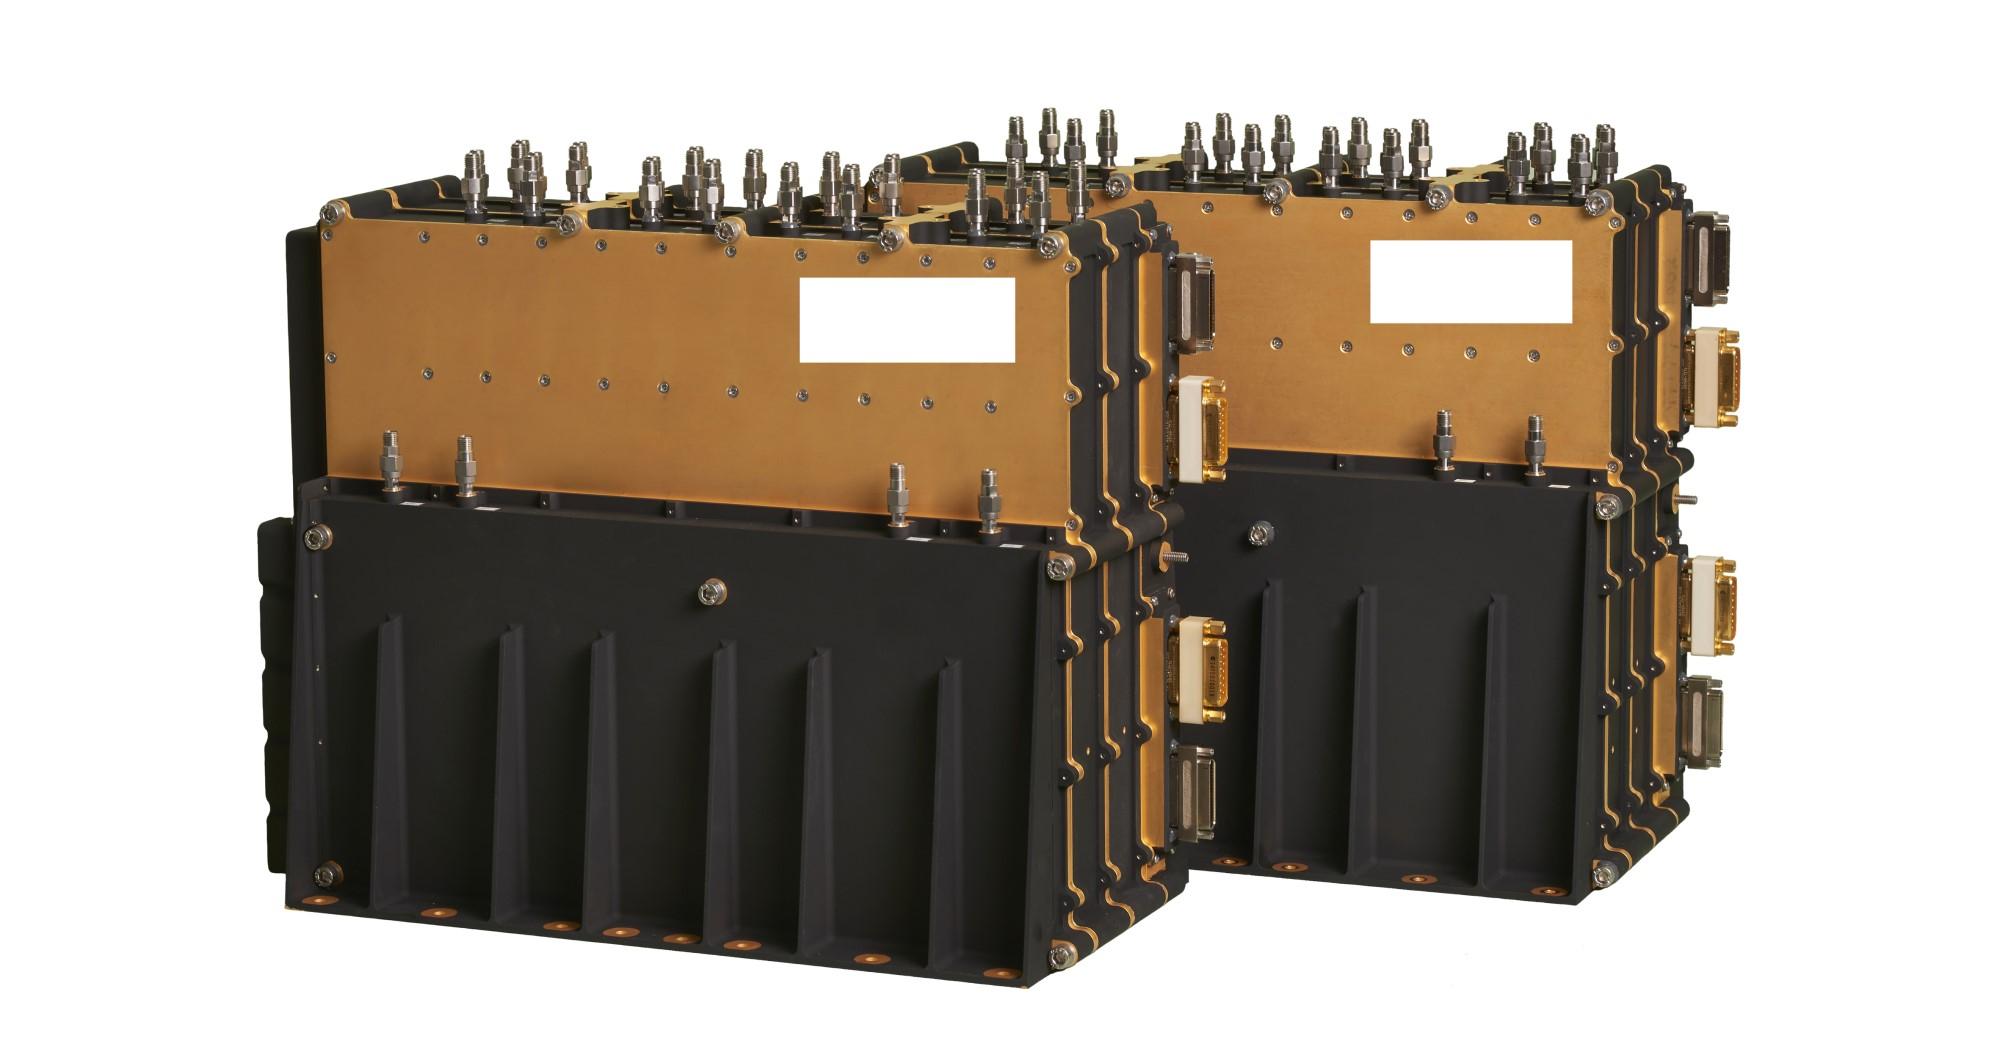 Signalprossesorer av samme type som Kongsberg Defence & Aerospace, avdeling Space & Surveillance i Horten, skal levere til Thuraya NGS-satellitter. Foto: KDA